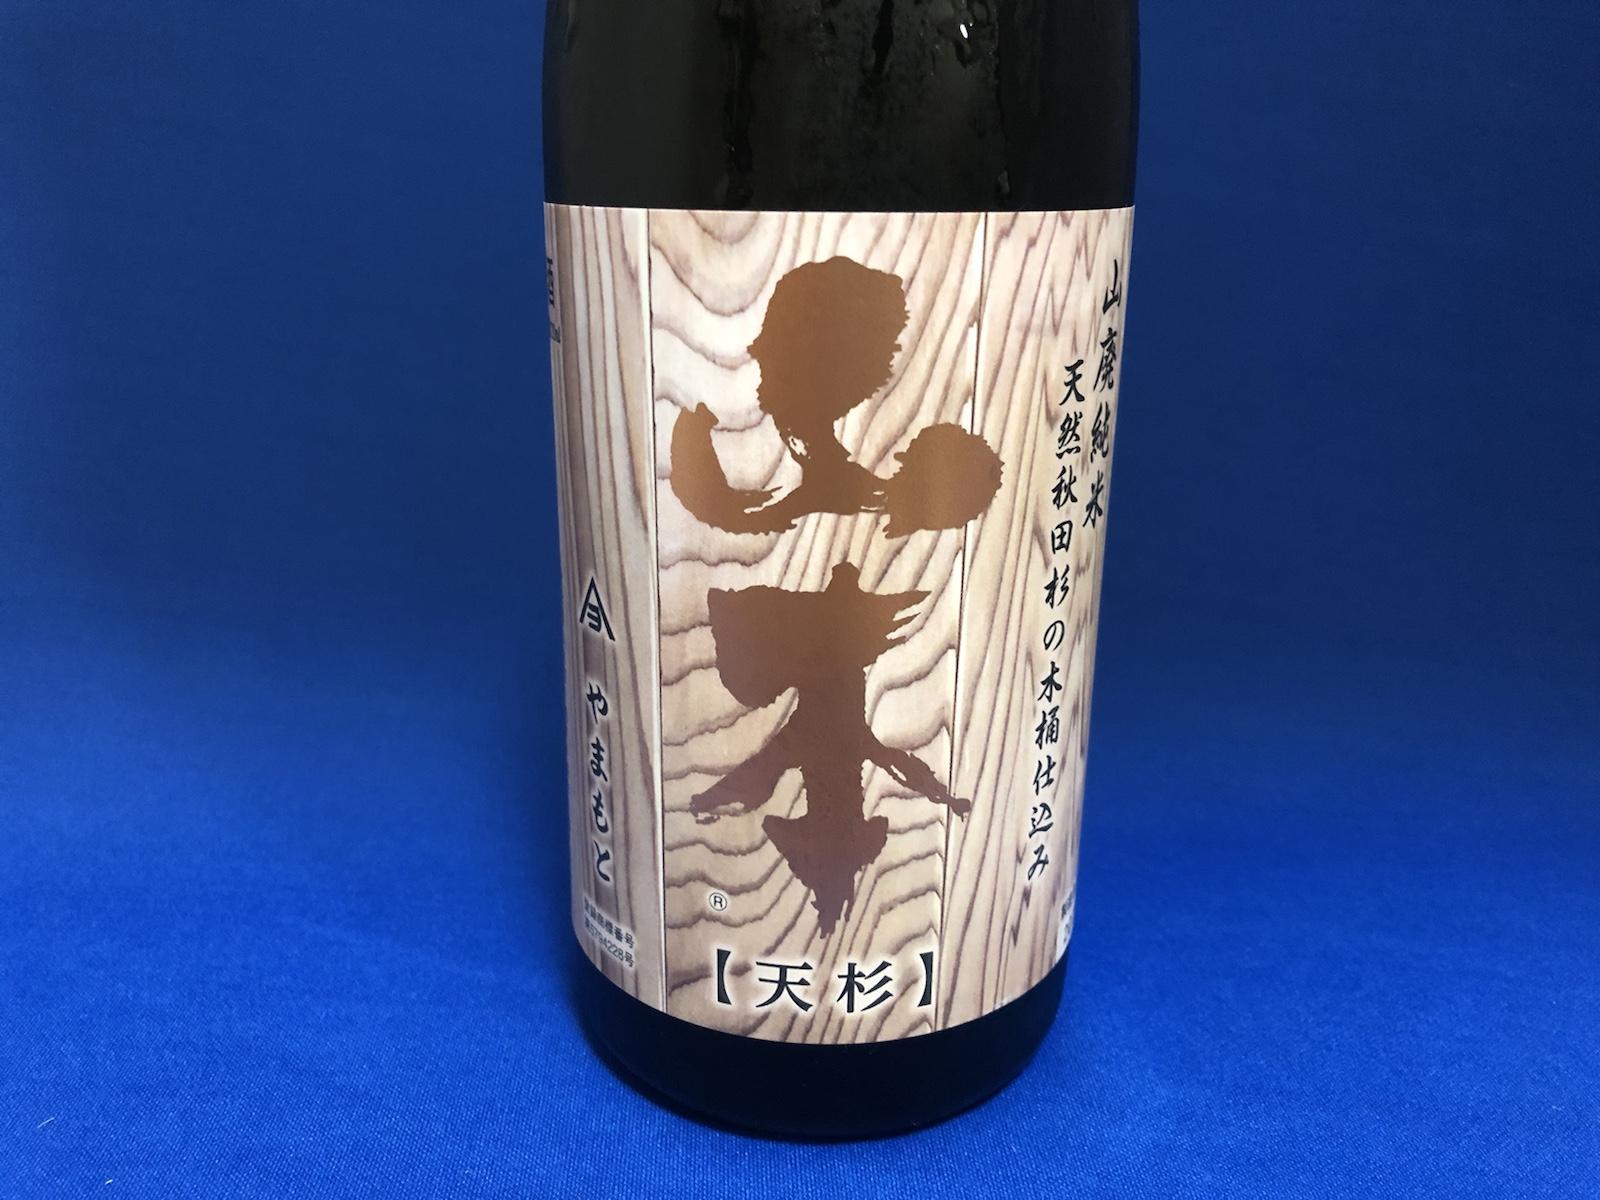 山本「天杉」山廃純米!天然秋田杉の木桶で仕込んだ限定酒